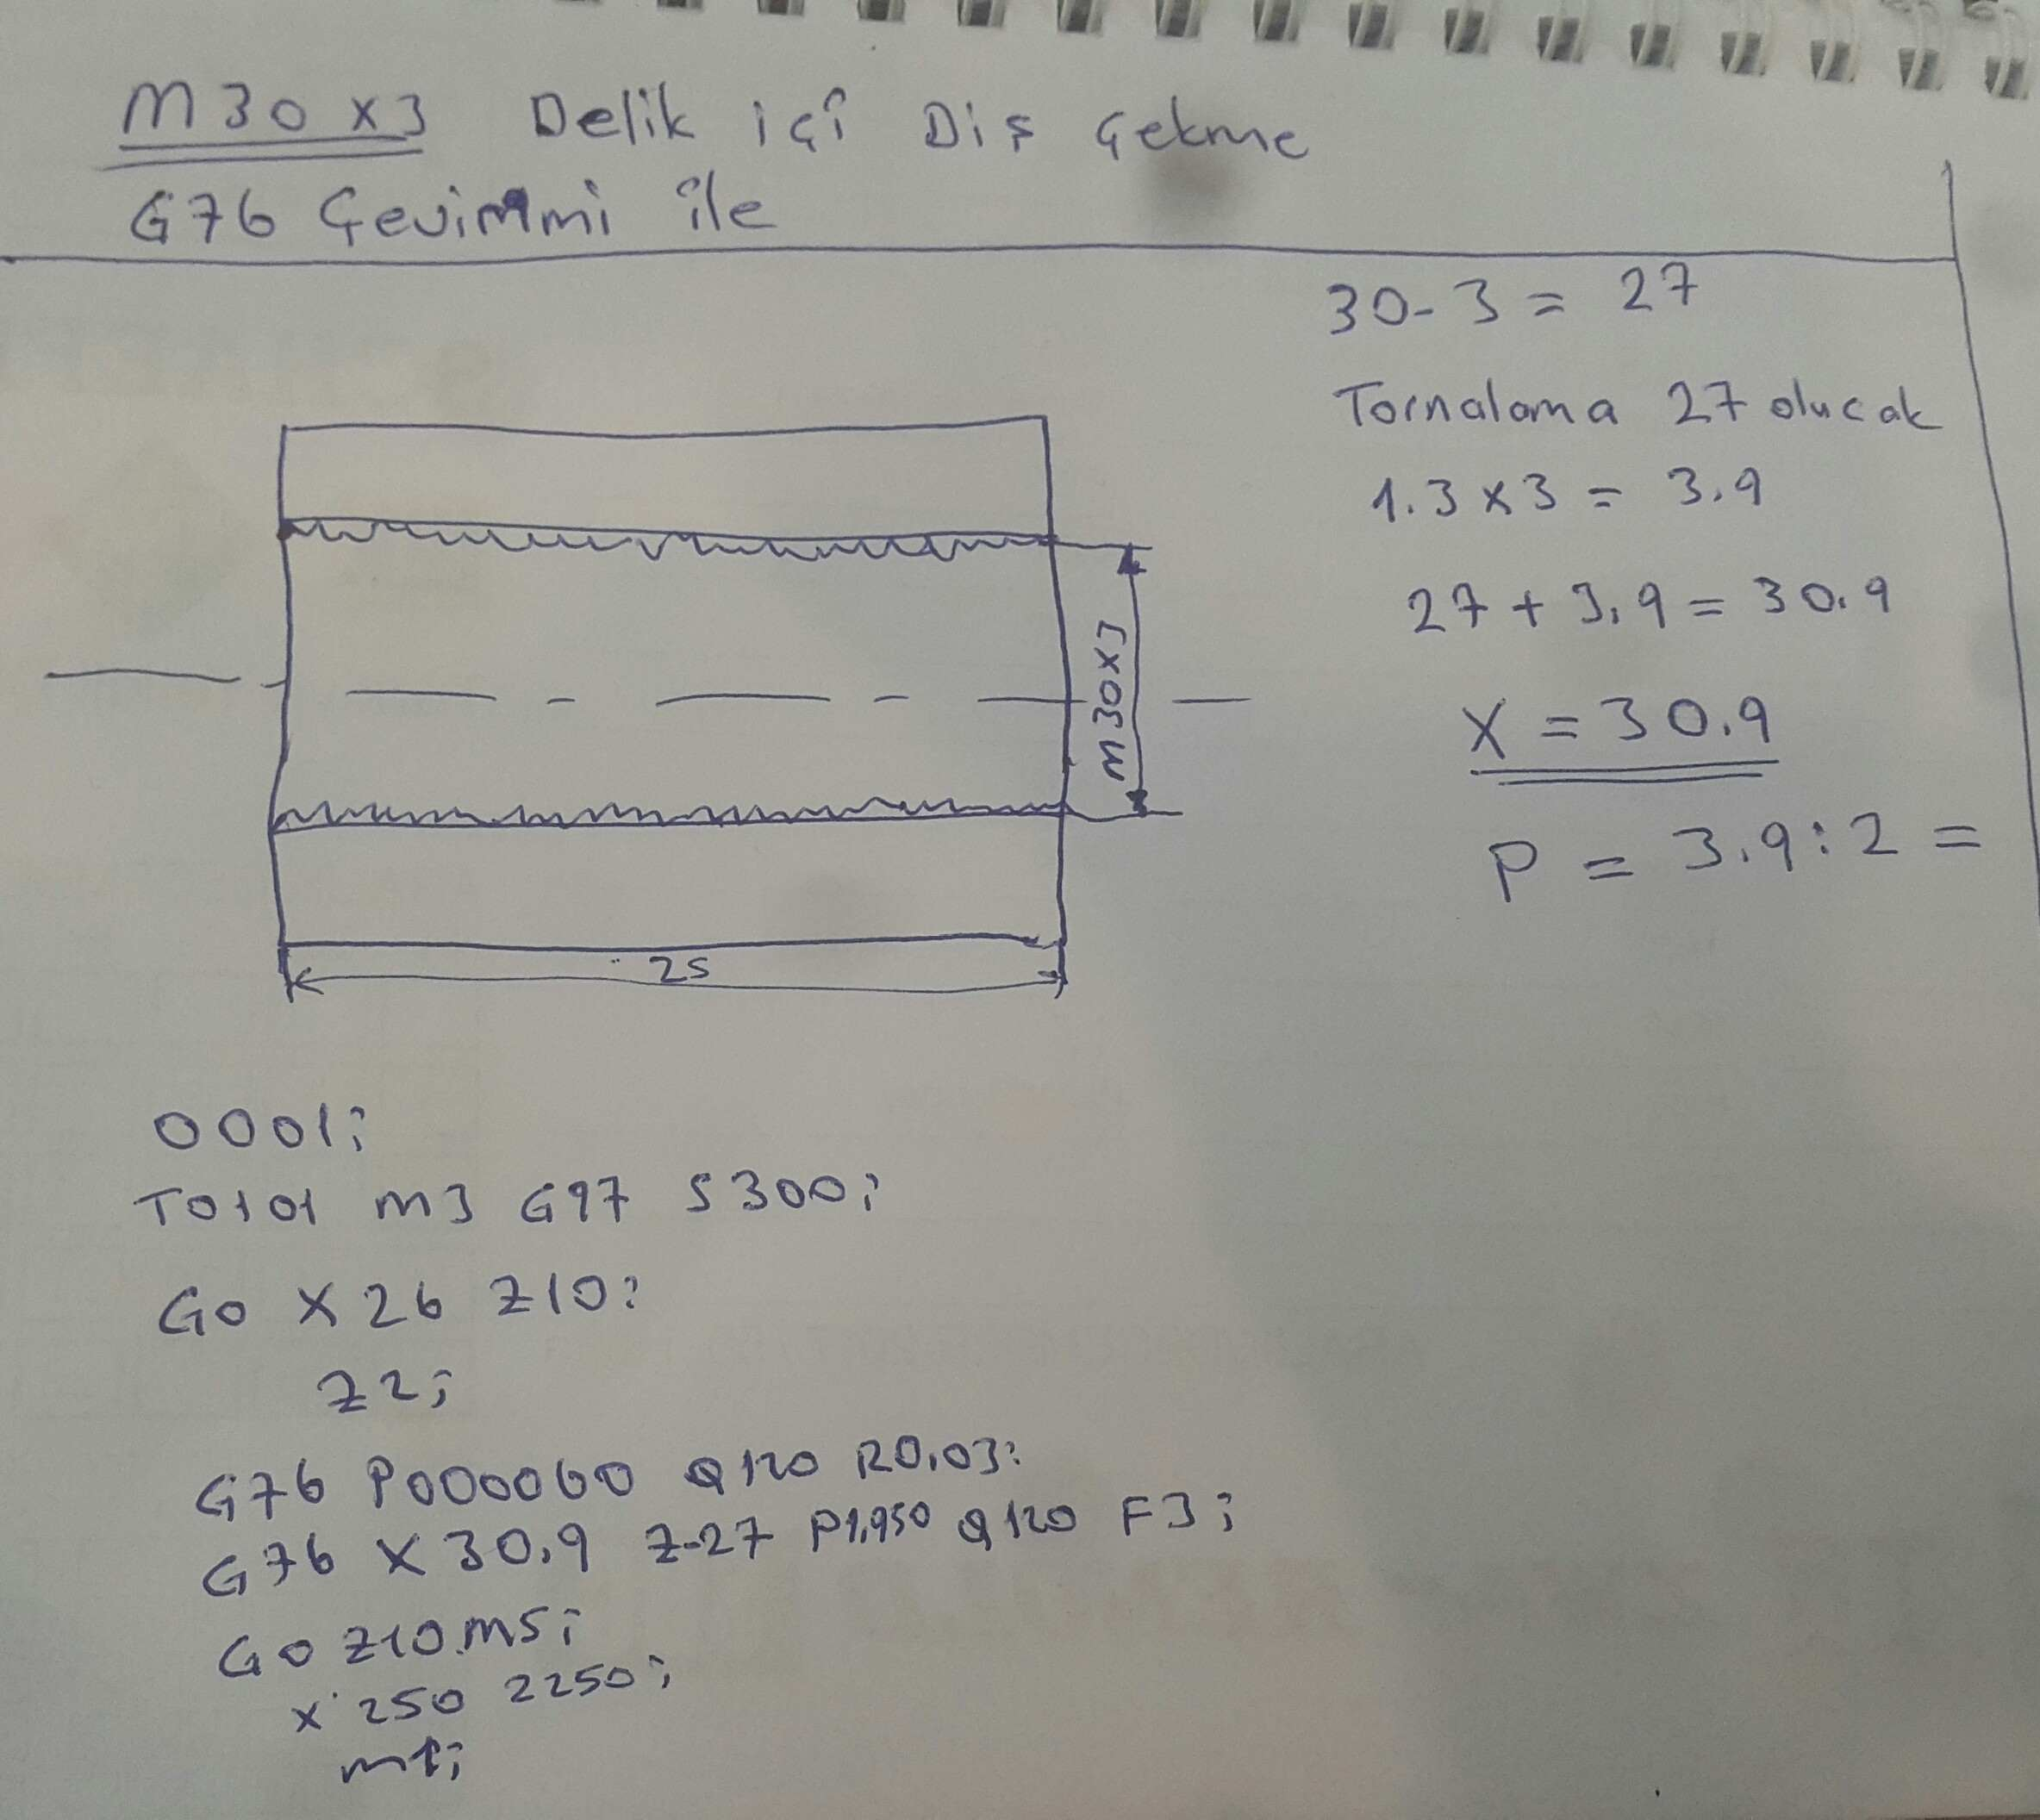 Cnc Torna İç Çap  Diş Çekme  (M30x3)